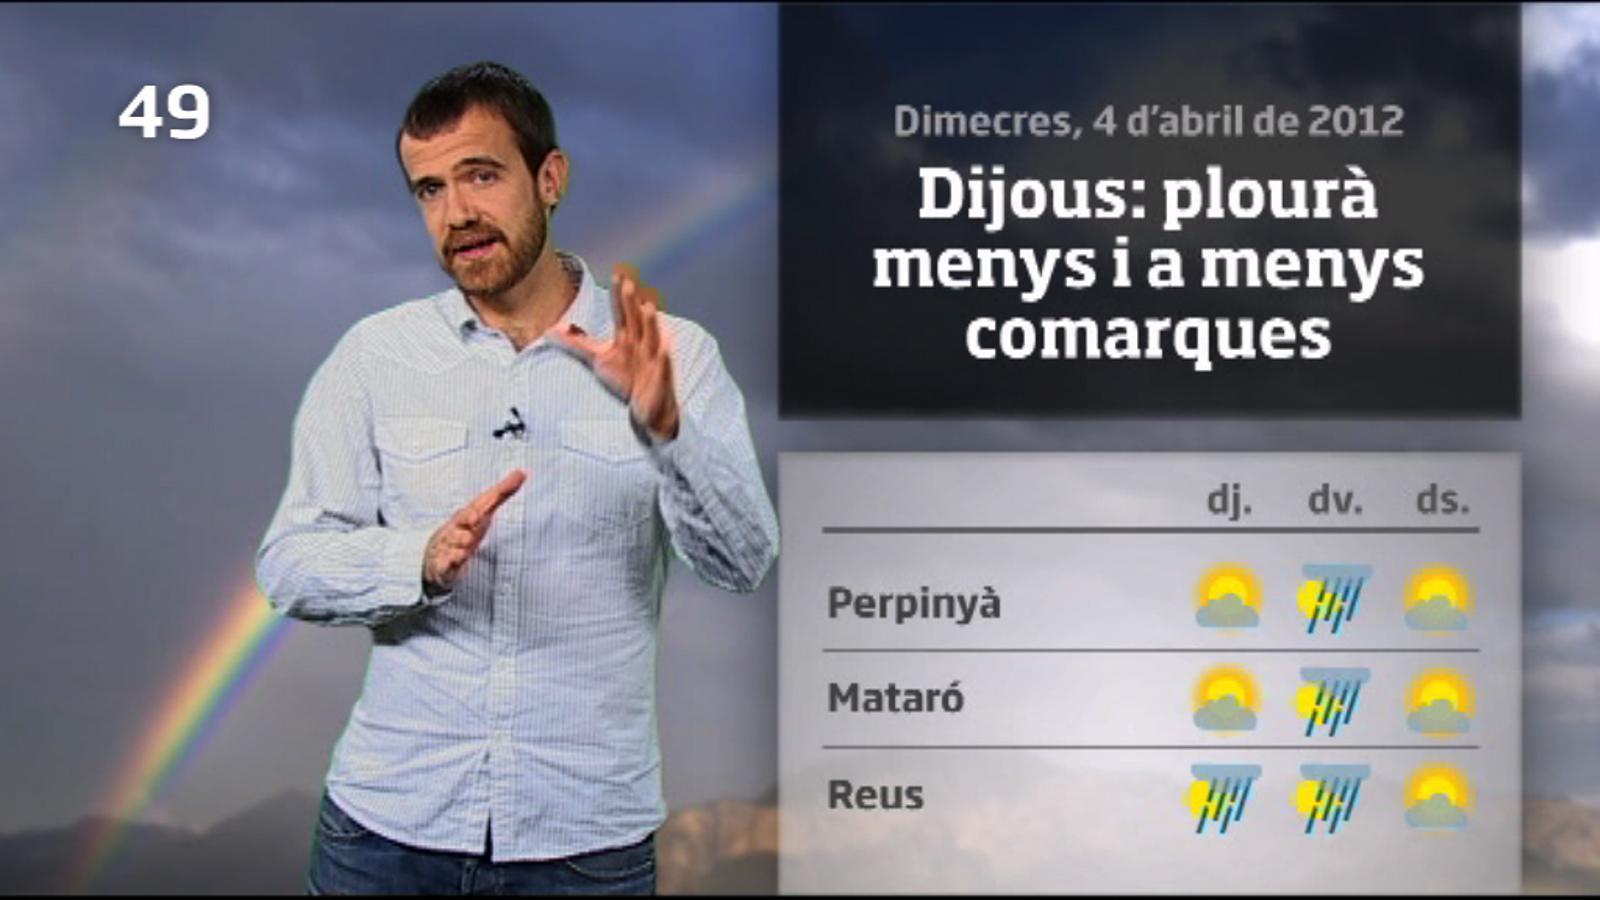 La méteo en 1 minut: aquest dijous plourà menys i a menys llocs (05/04/2012)